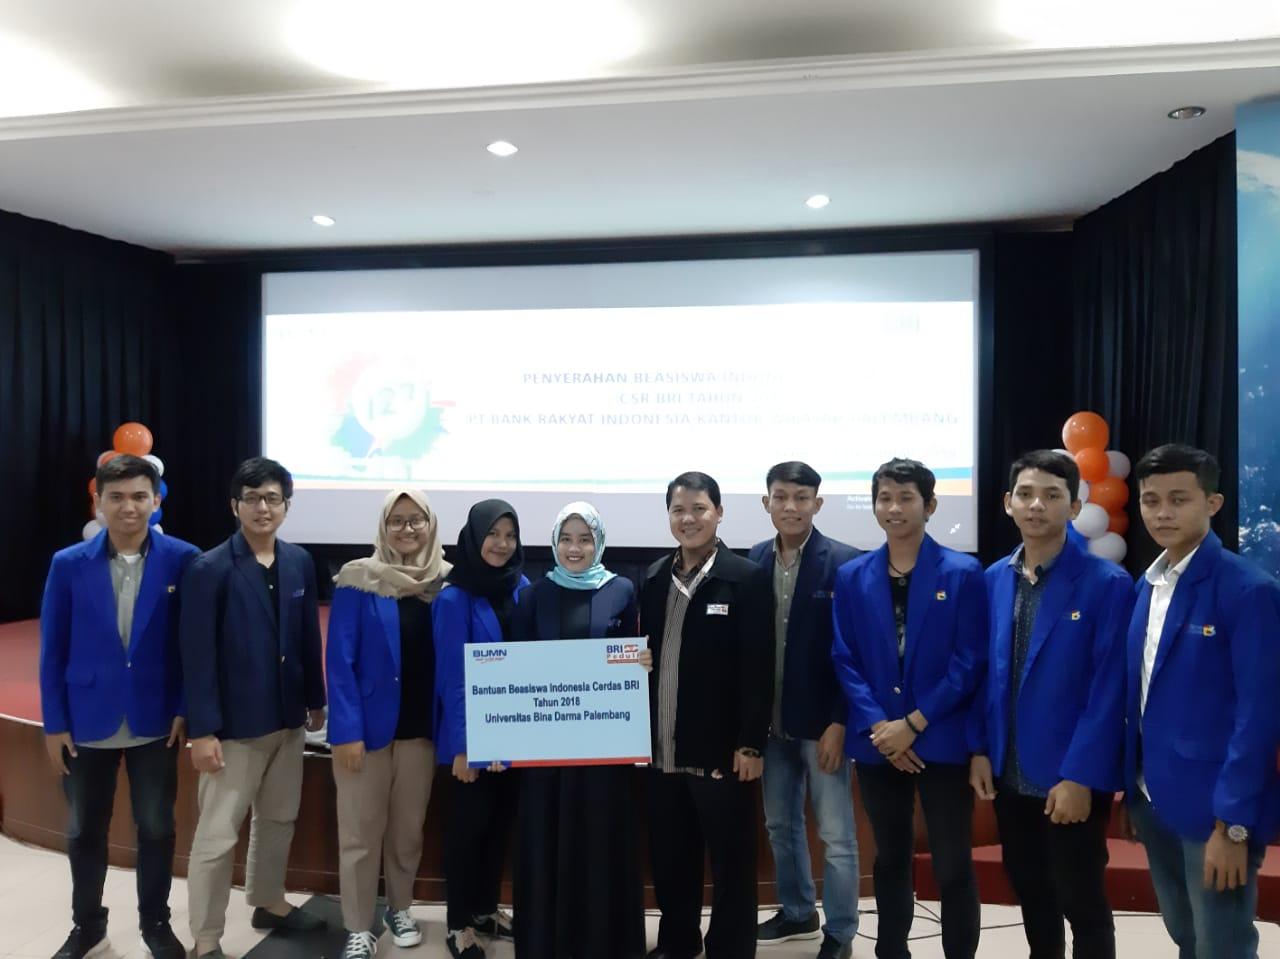 Mahasiswa Bina Darma mendapatkan Bantuan Beasiswa Cerdas BRI tahun 2018